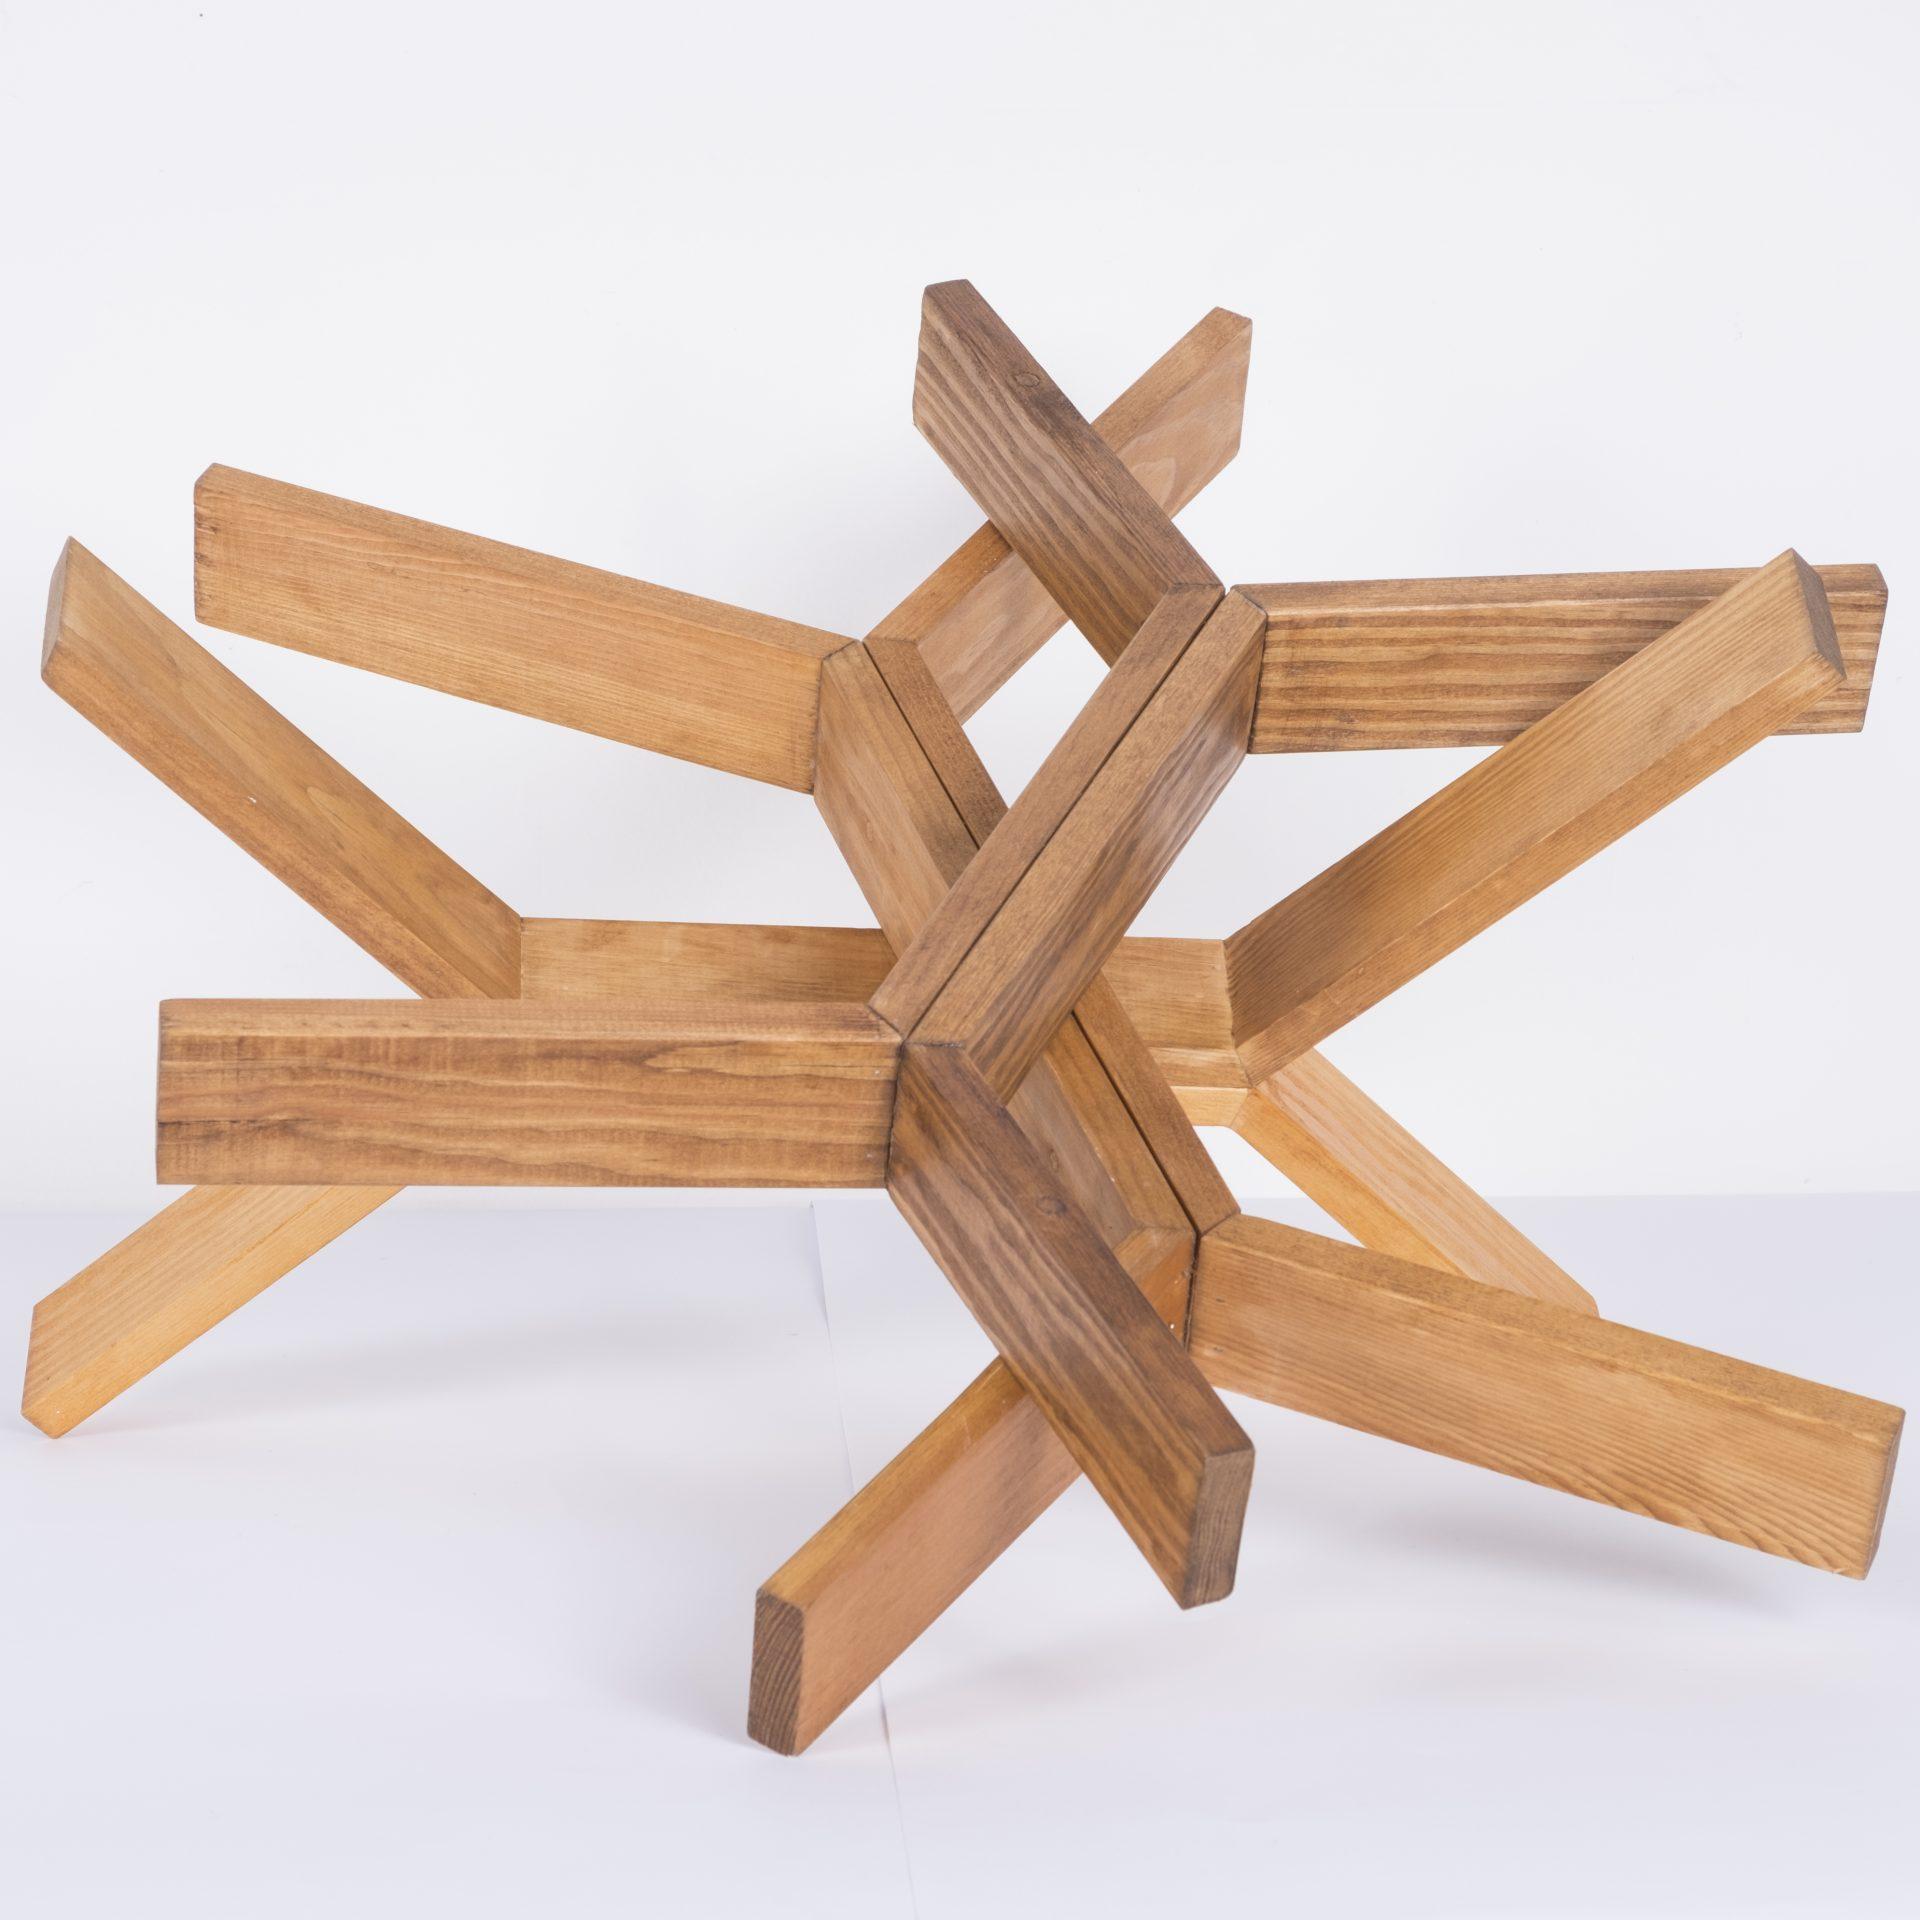 Unlimited in Dynamo<br>RMR19<br>misure: circa 50 x 50 cm<br>tecnica: legno <br>anno: 2018<br>